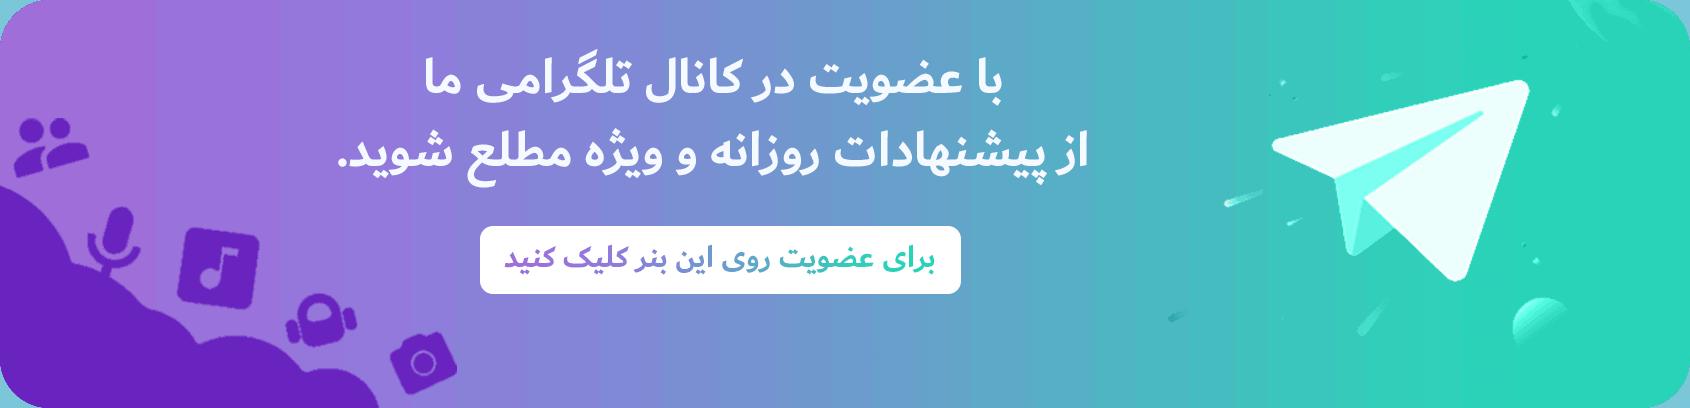 تلگرام تجهیزات سیسکو